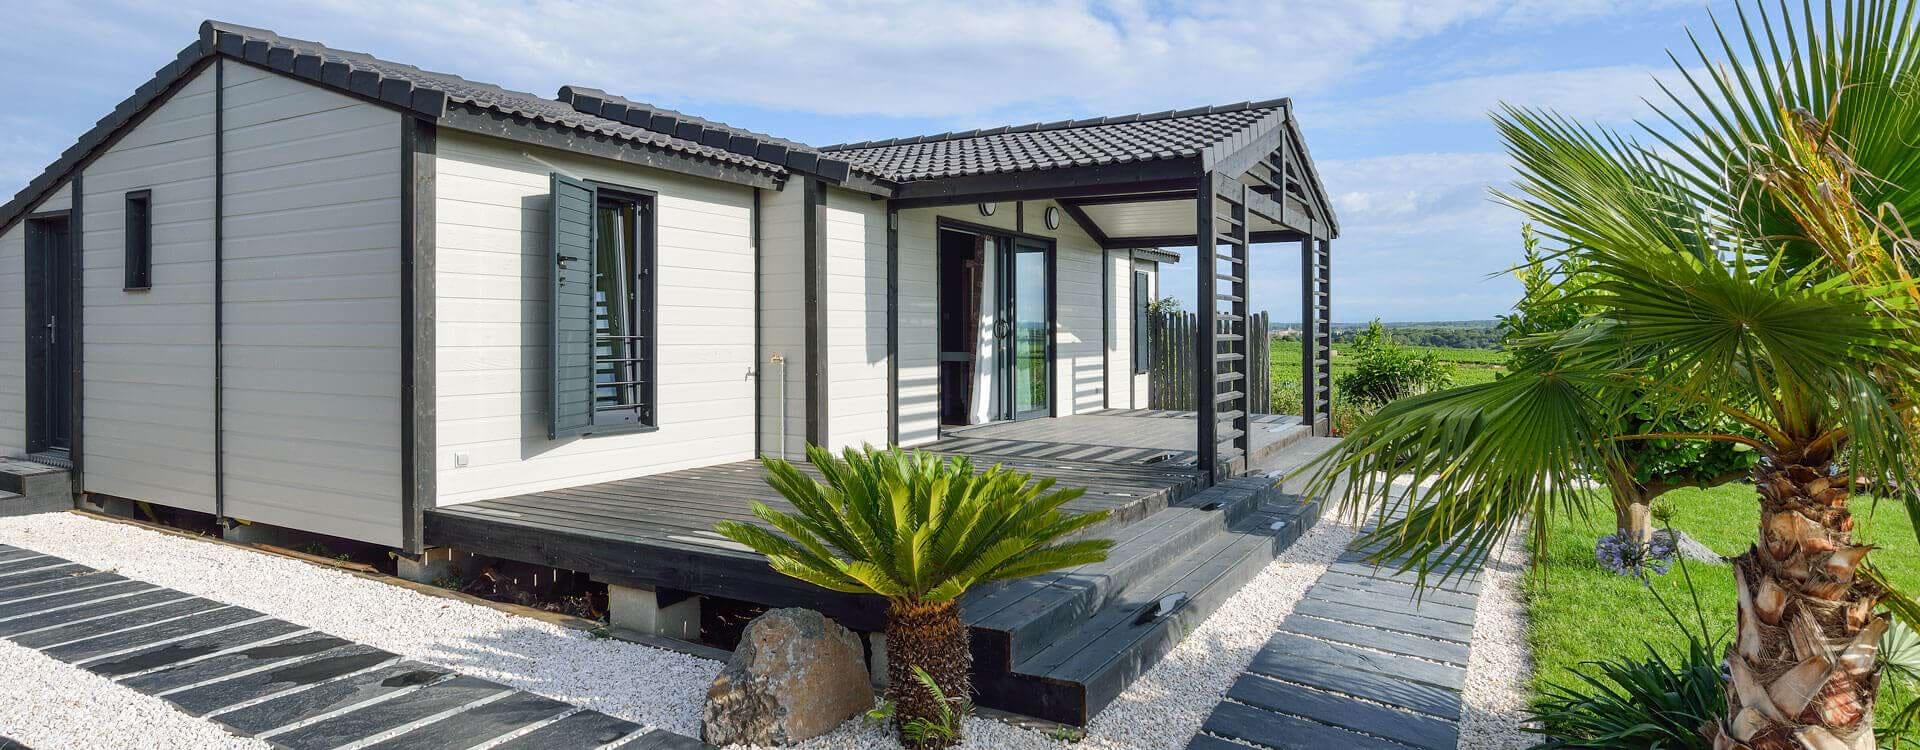 cottage haut de gamme nature et residences